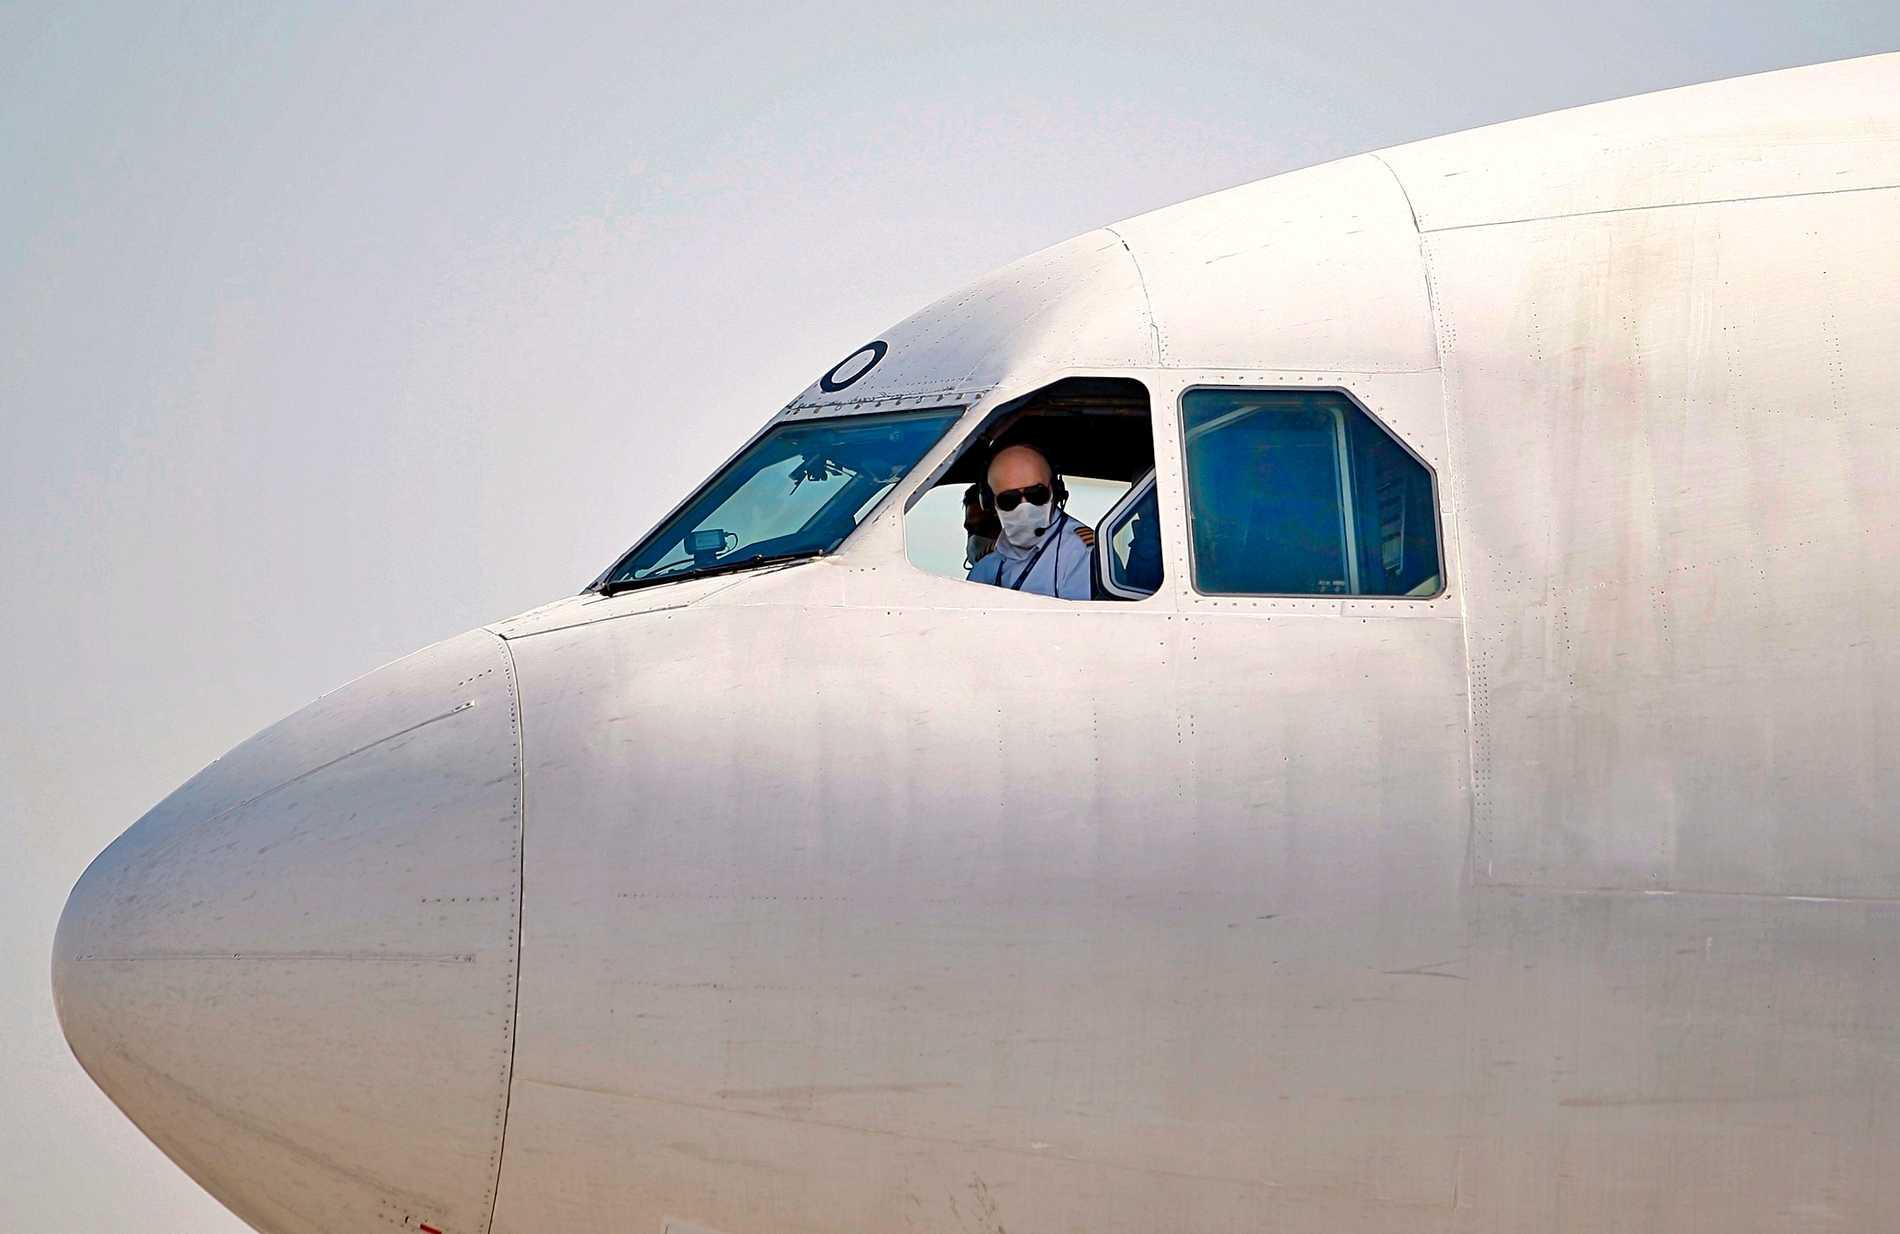 Ett iranskt plan anländer på flygplatsen Najaf i Irak.